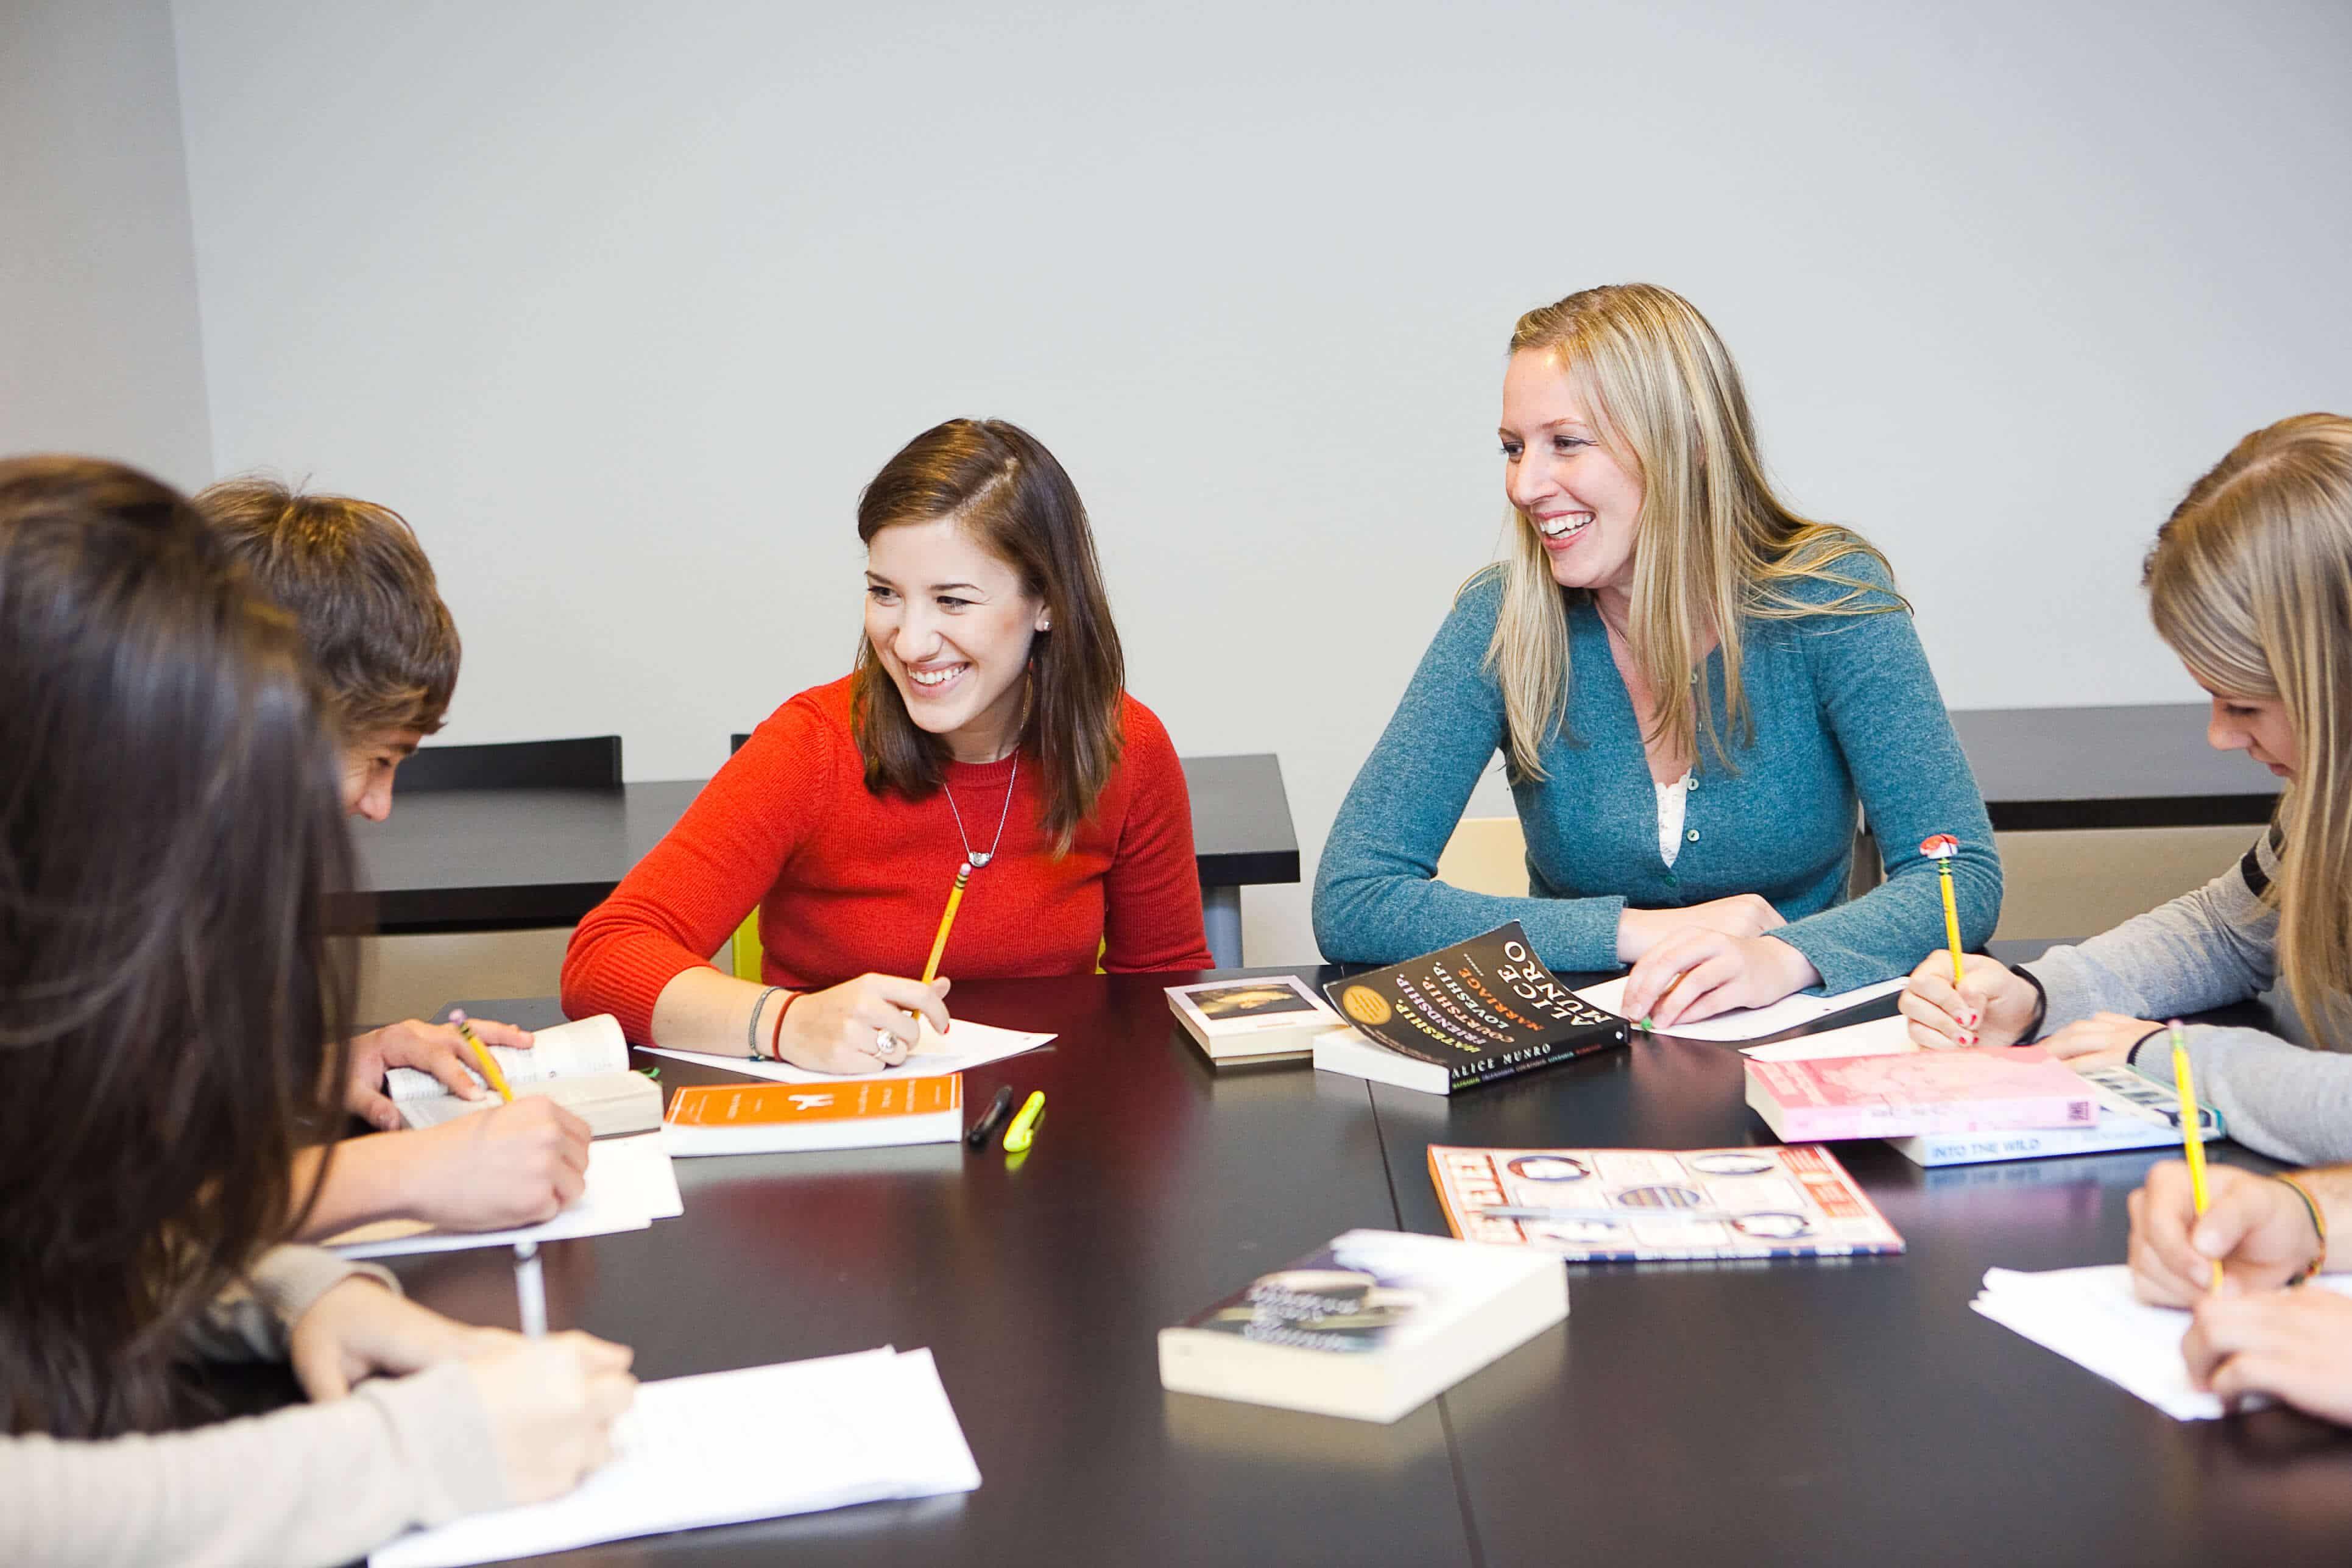 Homework help at Sage Educators